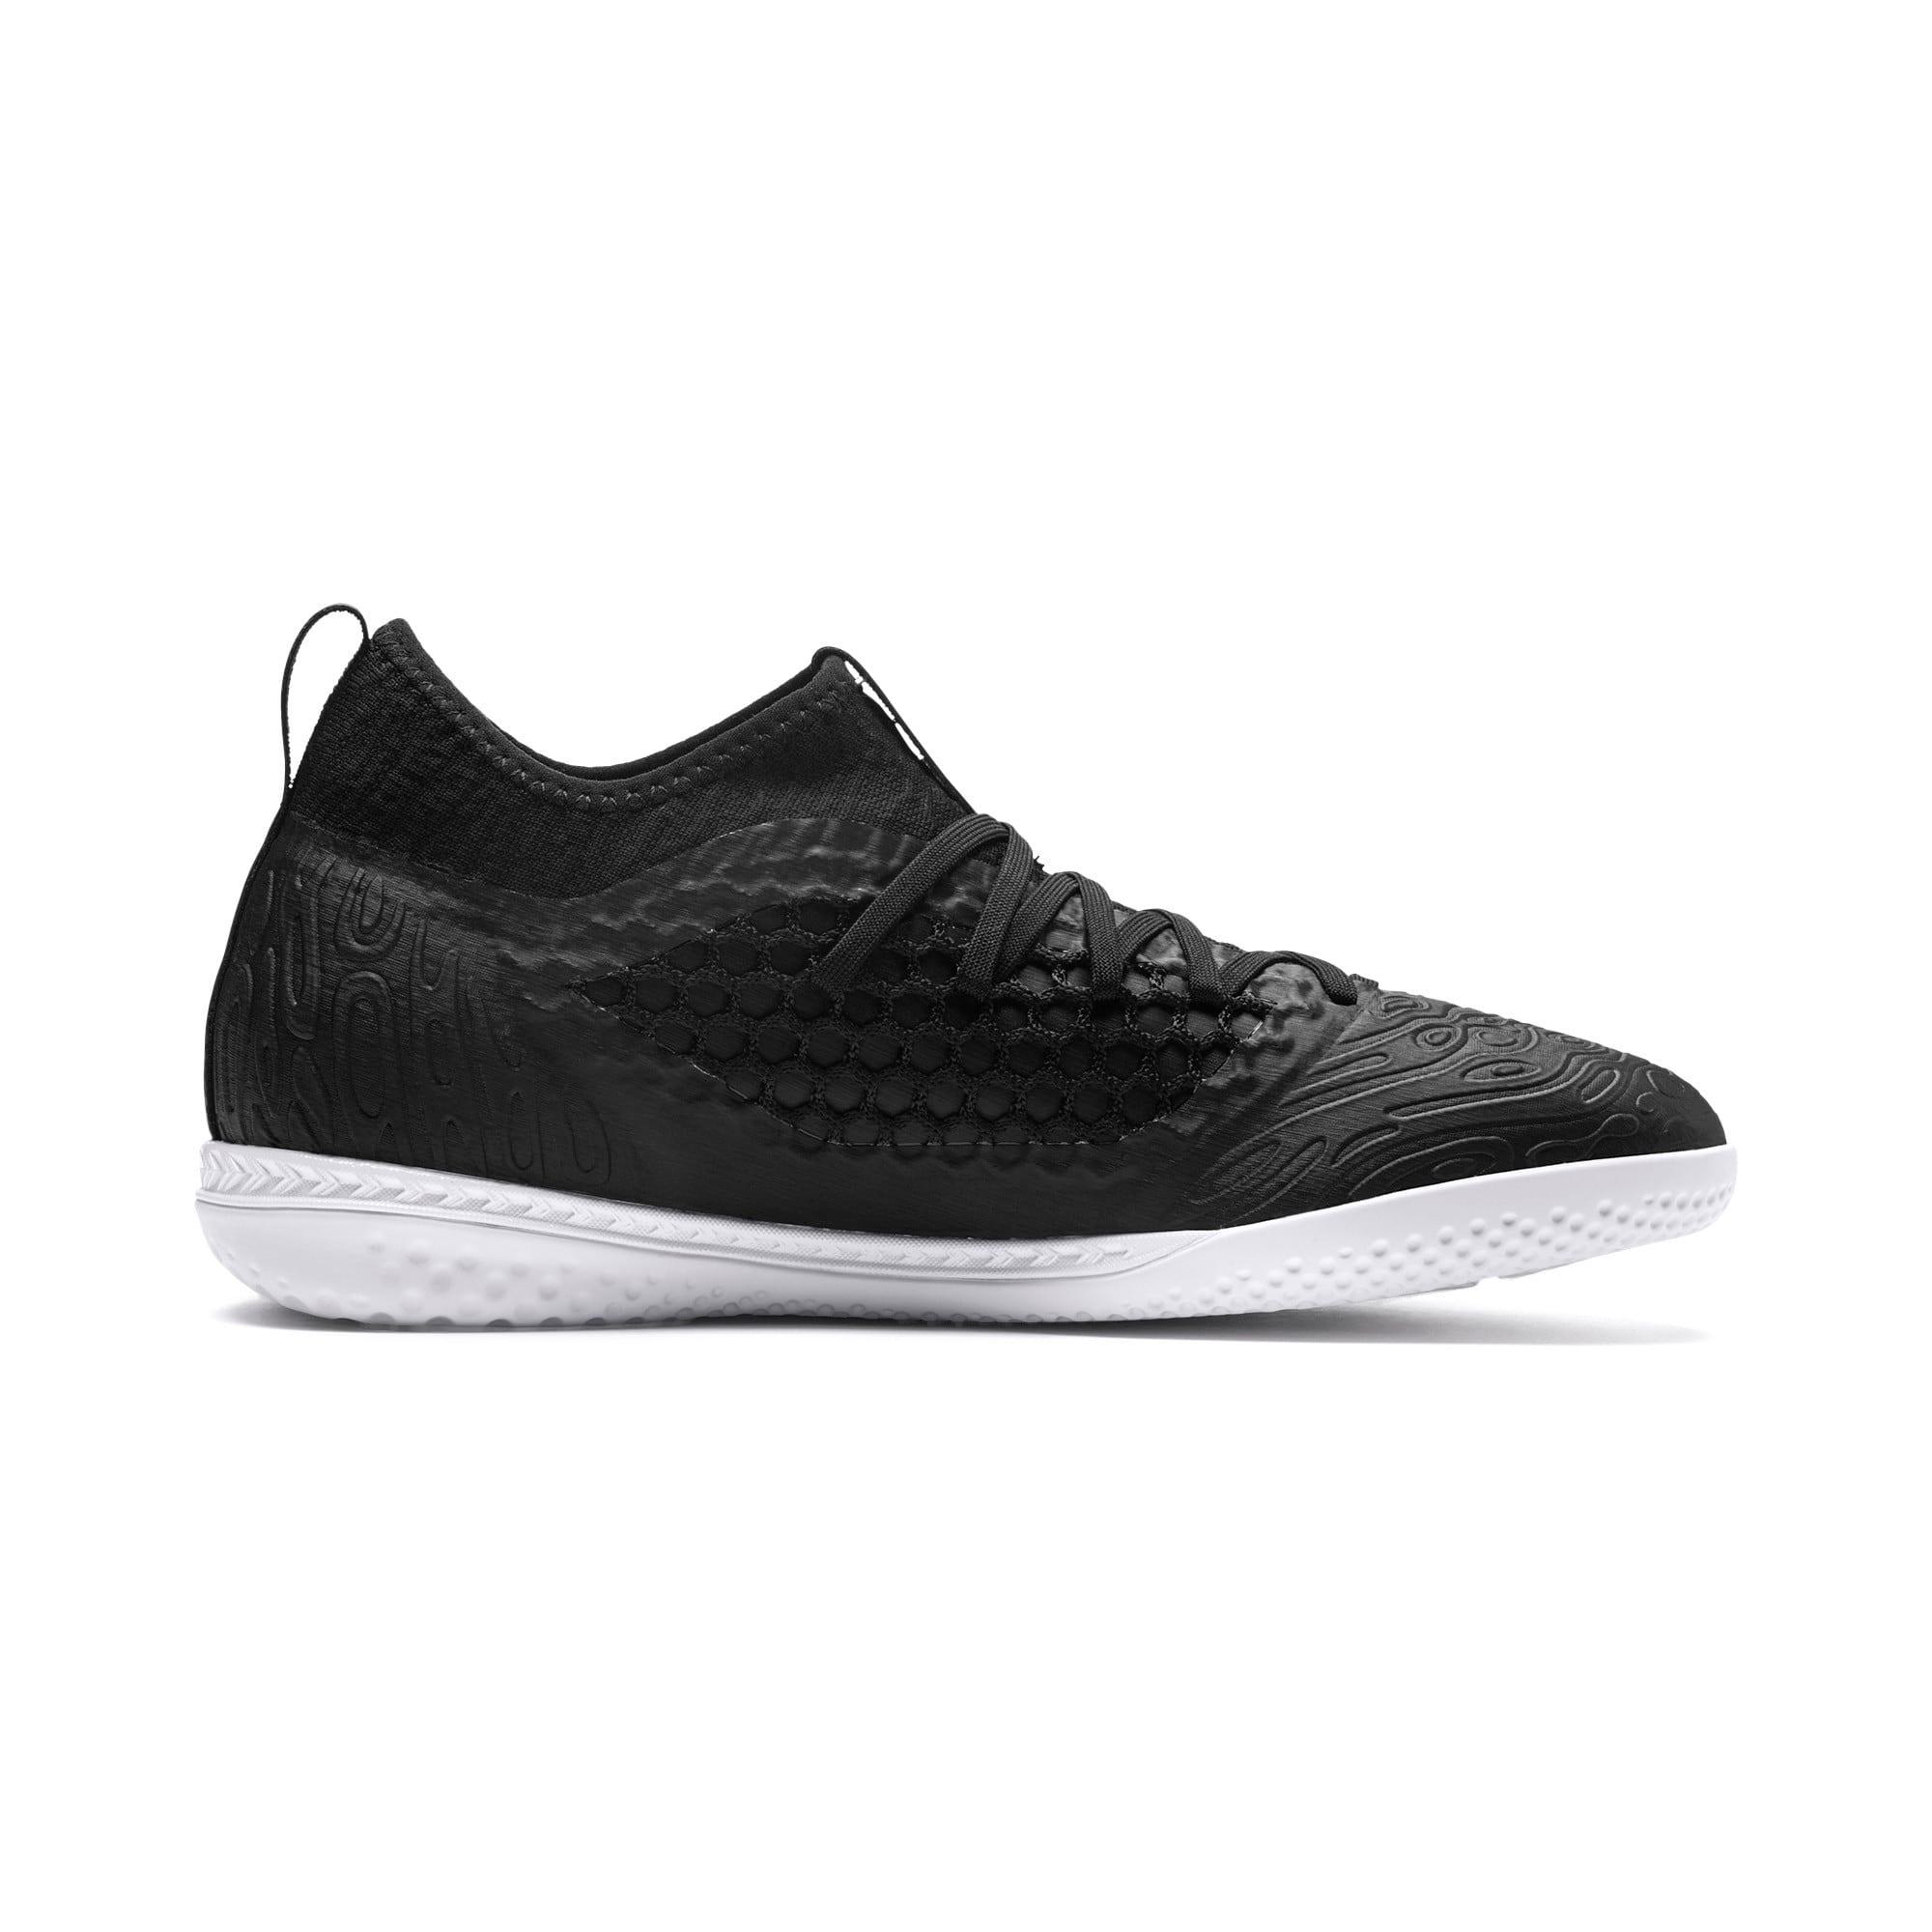 Thumbnail 5 of FUTURE 19.3 NETFIT IT Men's Soccer Shoes, Puma Black-Puma Black-White, medium